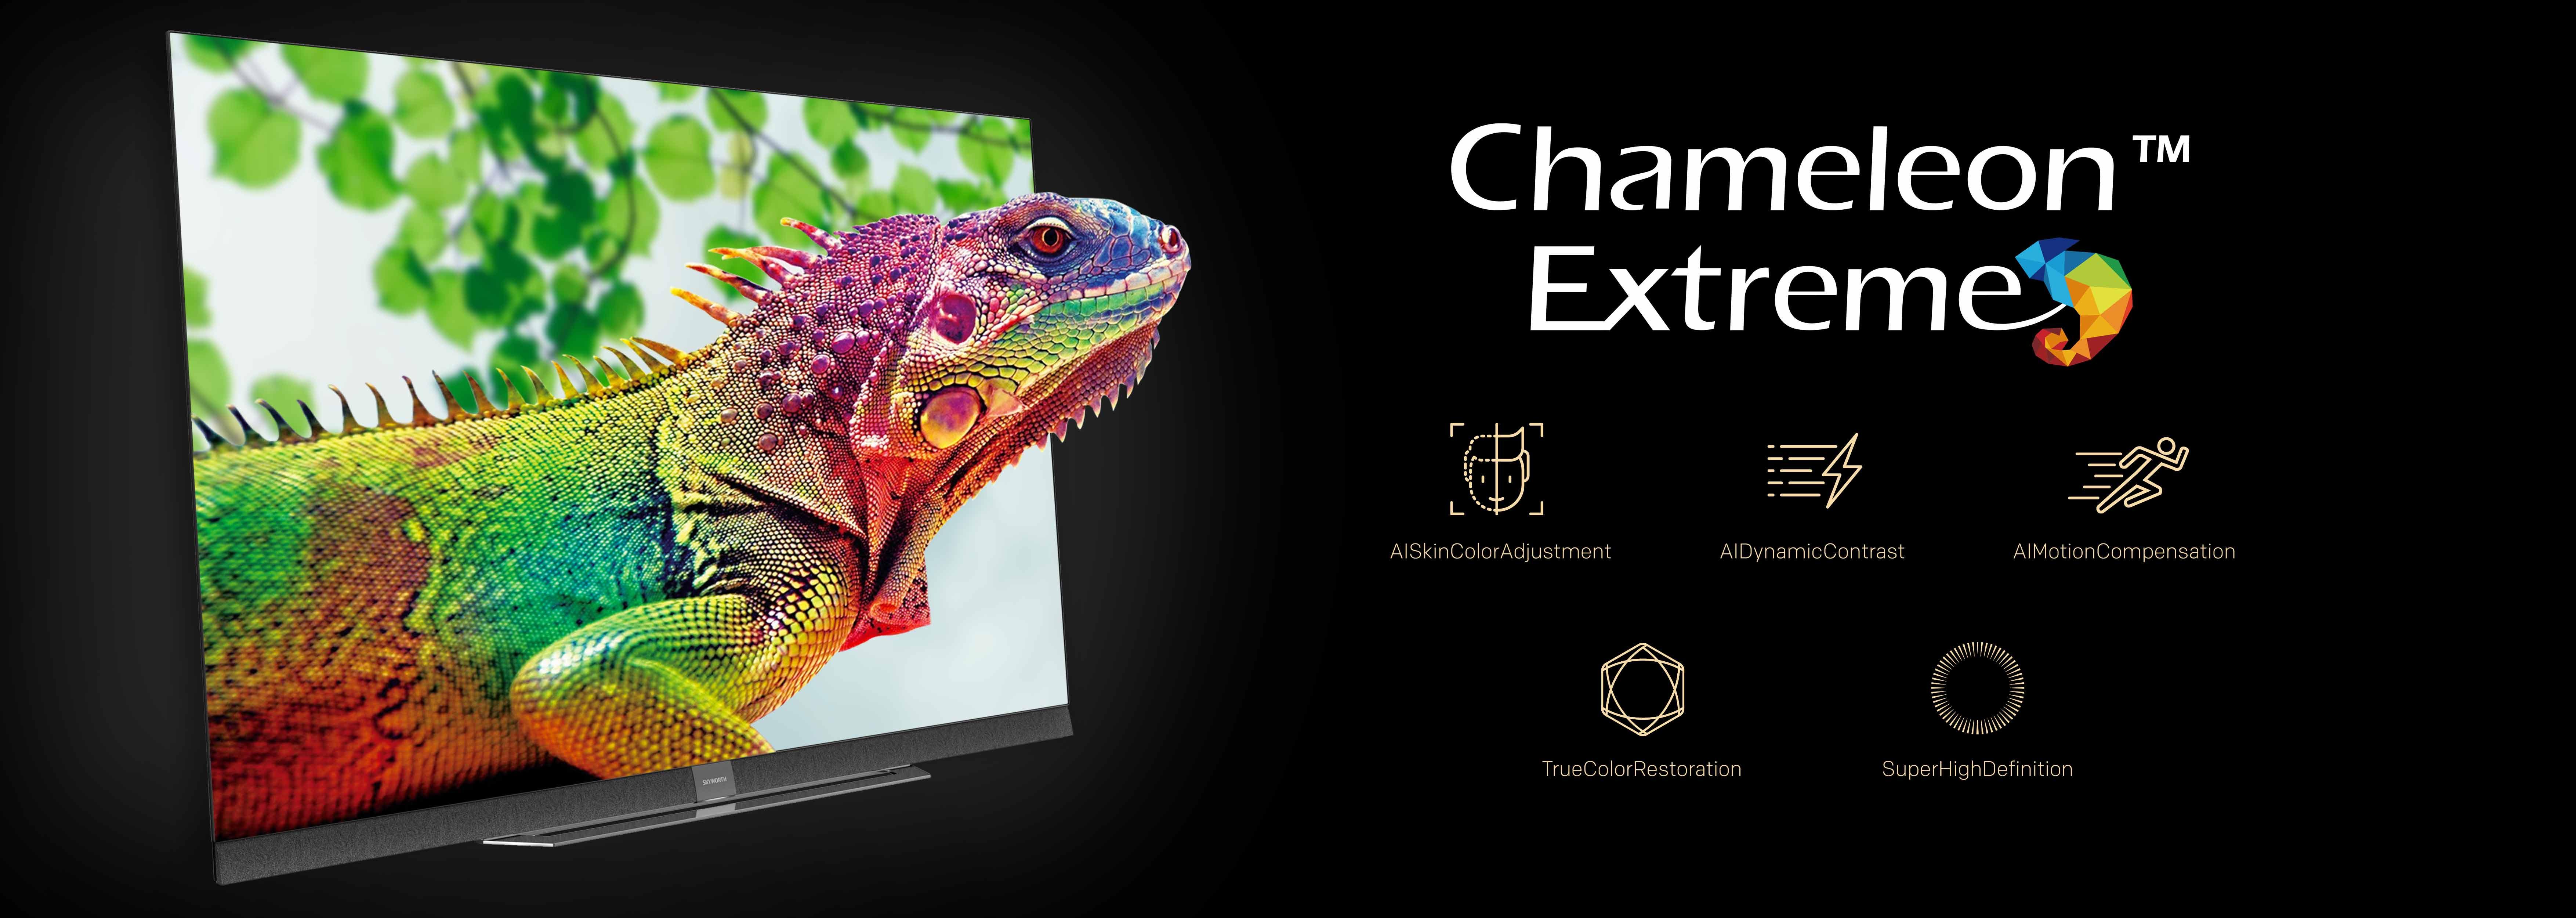 Chameleon-Extreme-1